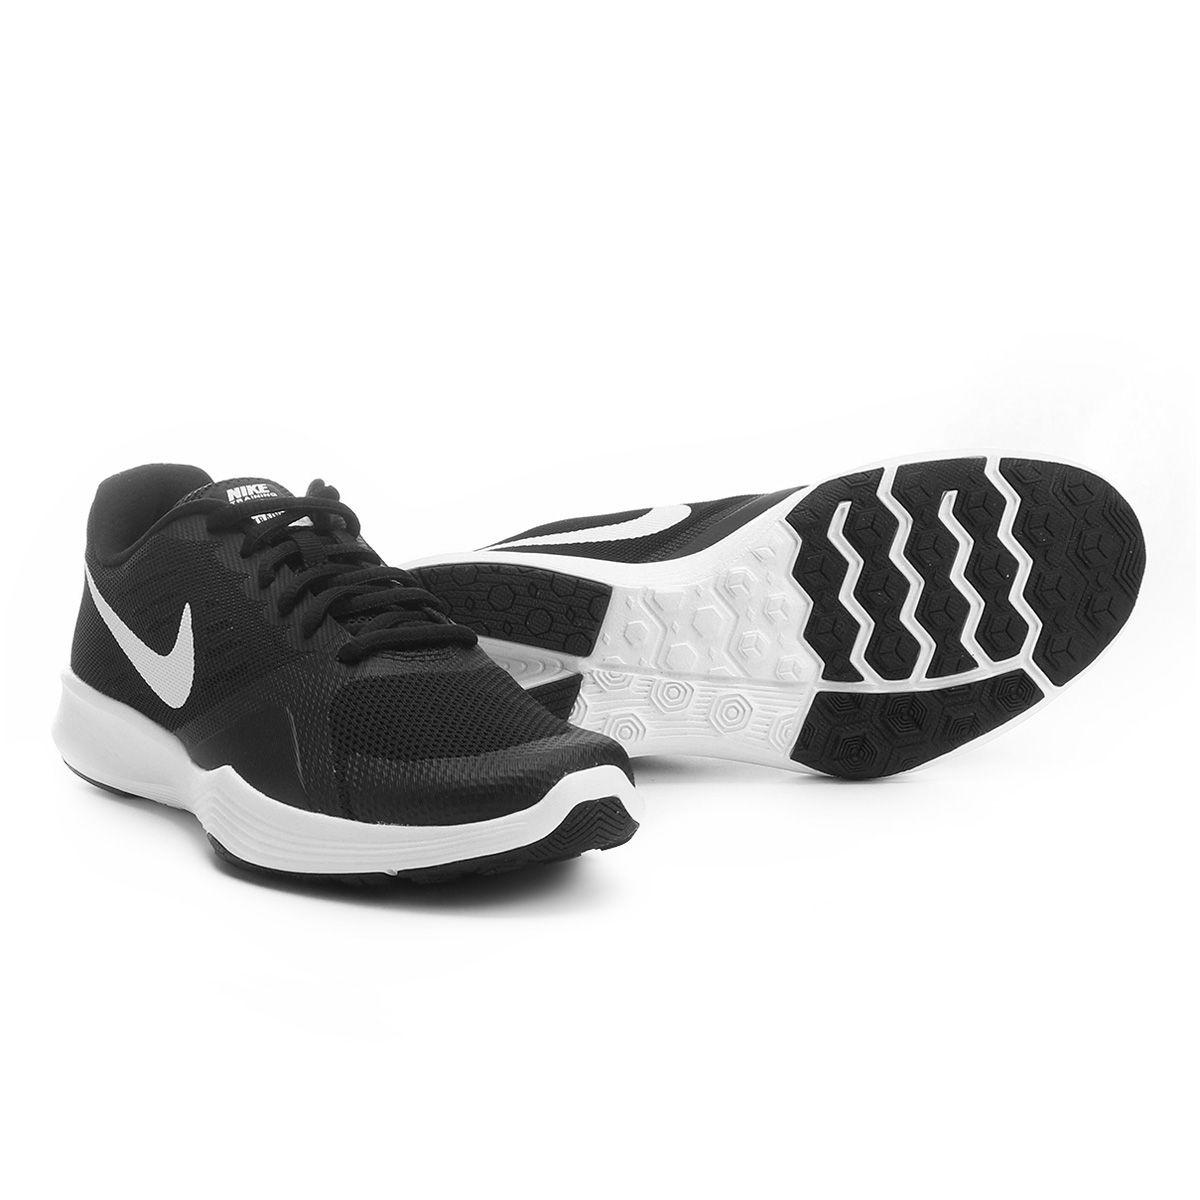 Com o Tênis Nike City Trainer Feminino Preto e Branco você tem uma  performance melhor durante